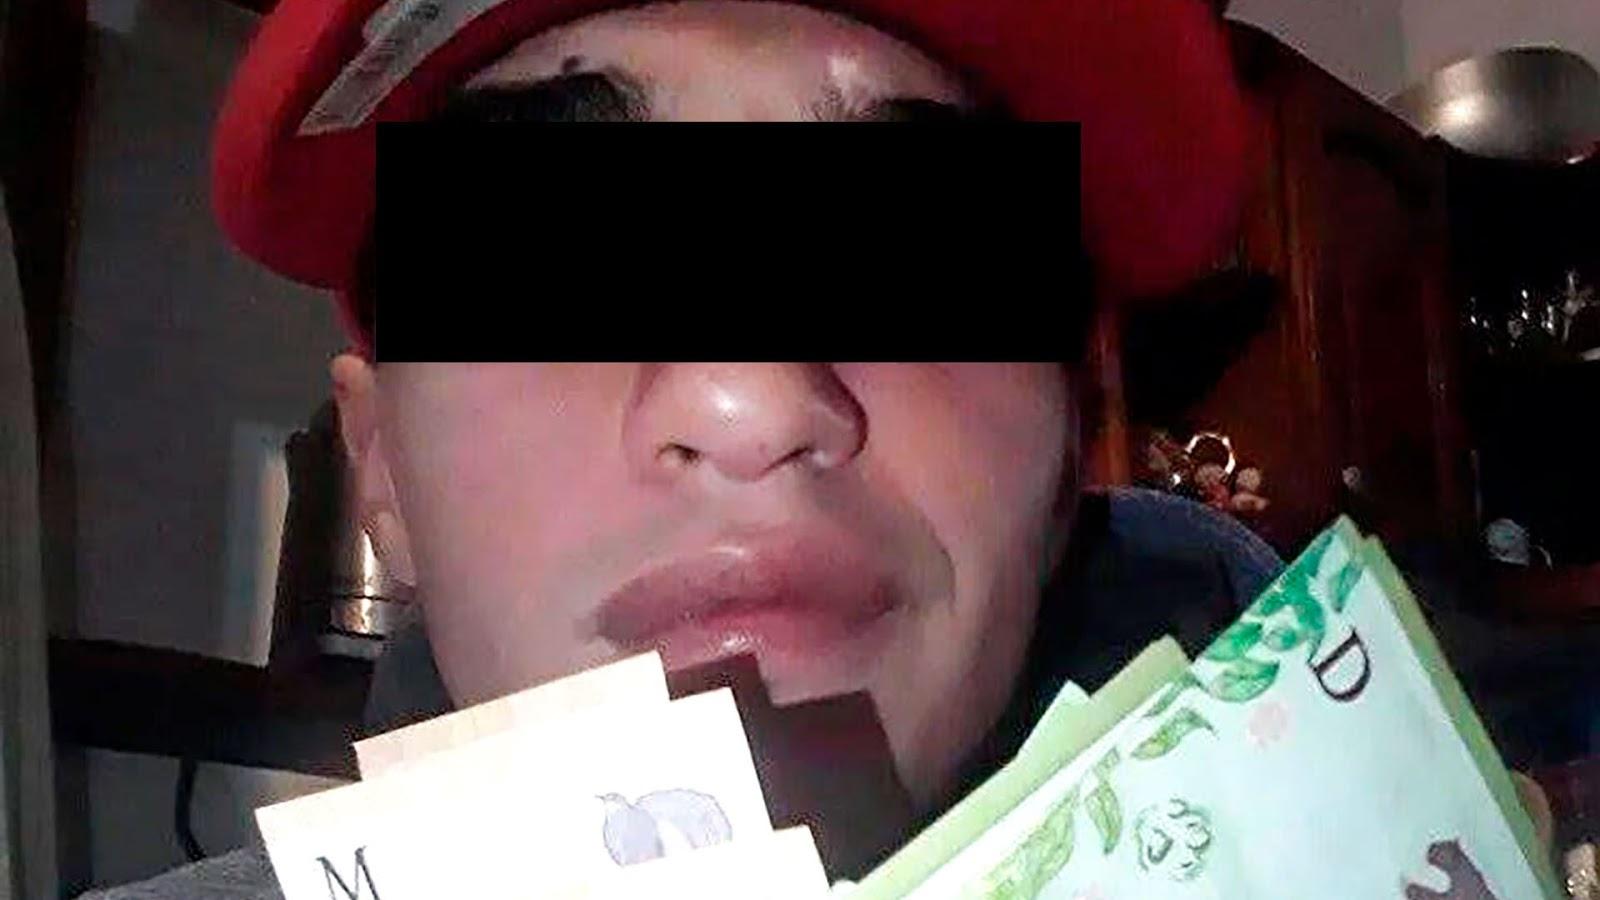 Mató a una jubilada, le incendió la casa y se sacó una selfie con la plata que le robó